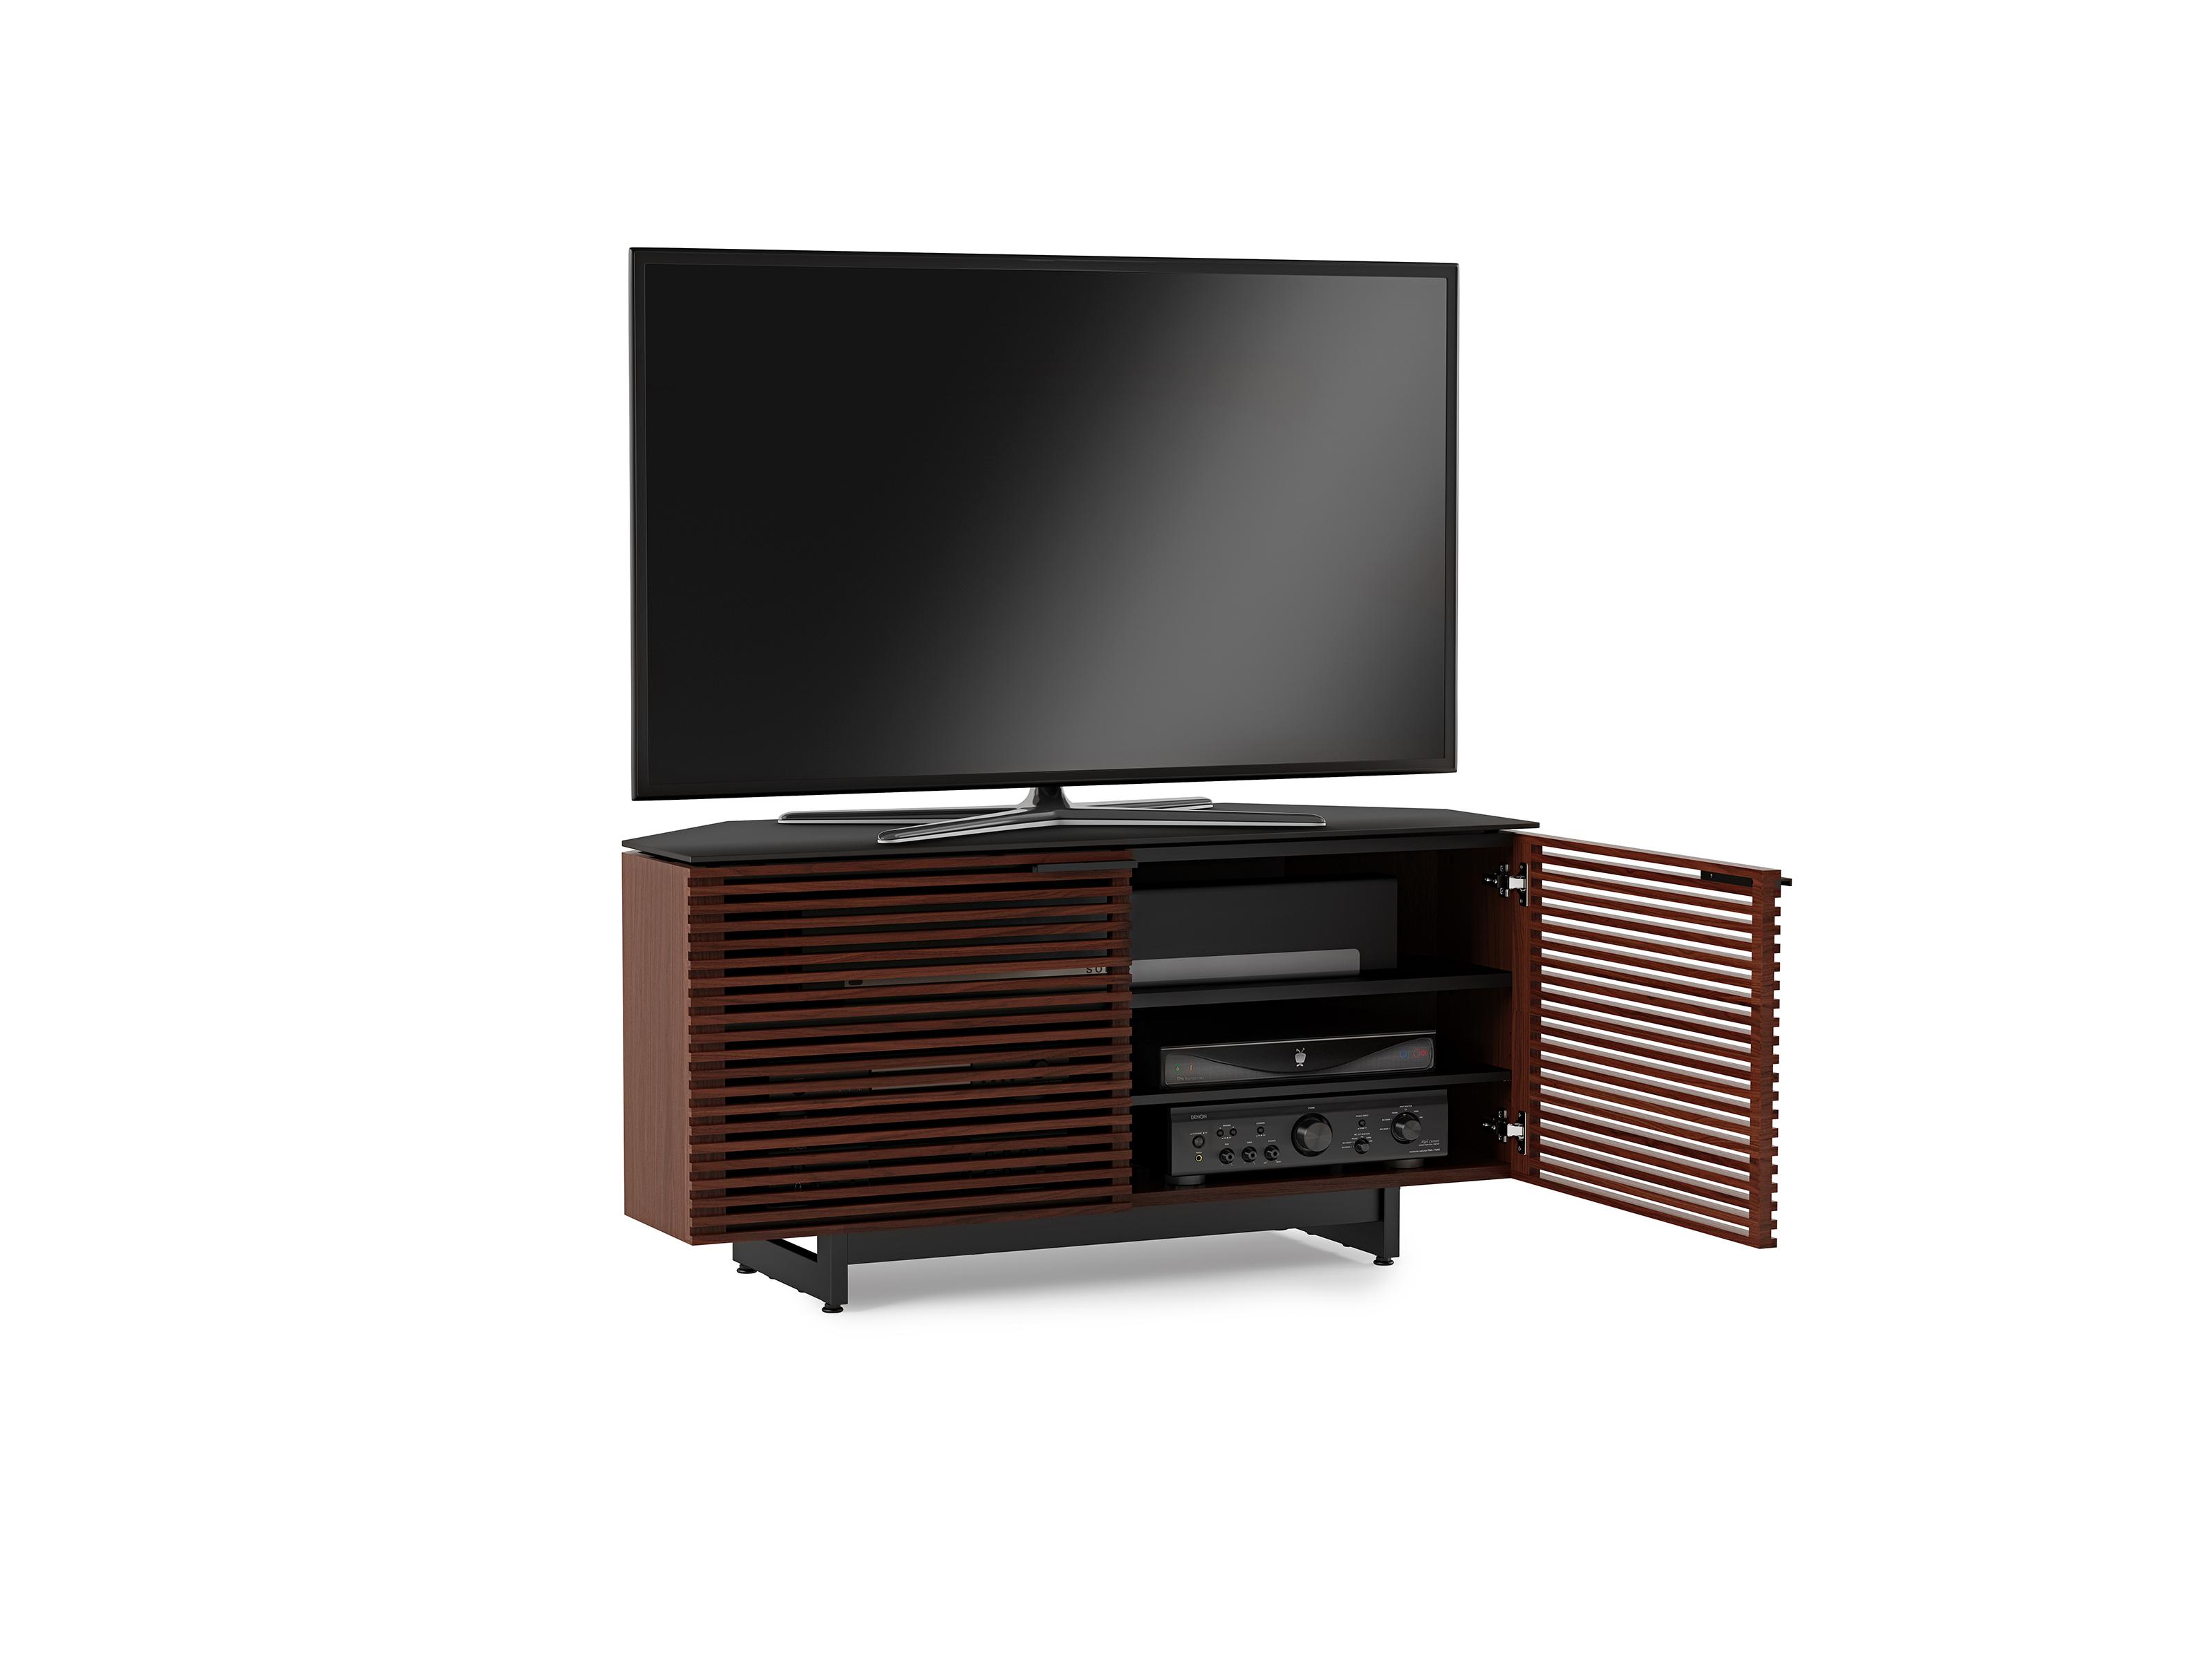 Corridor 8175 Corner Tv Stand Media Console Bdi Furniture